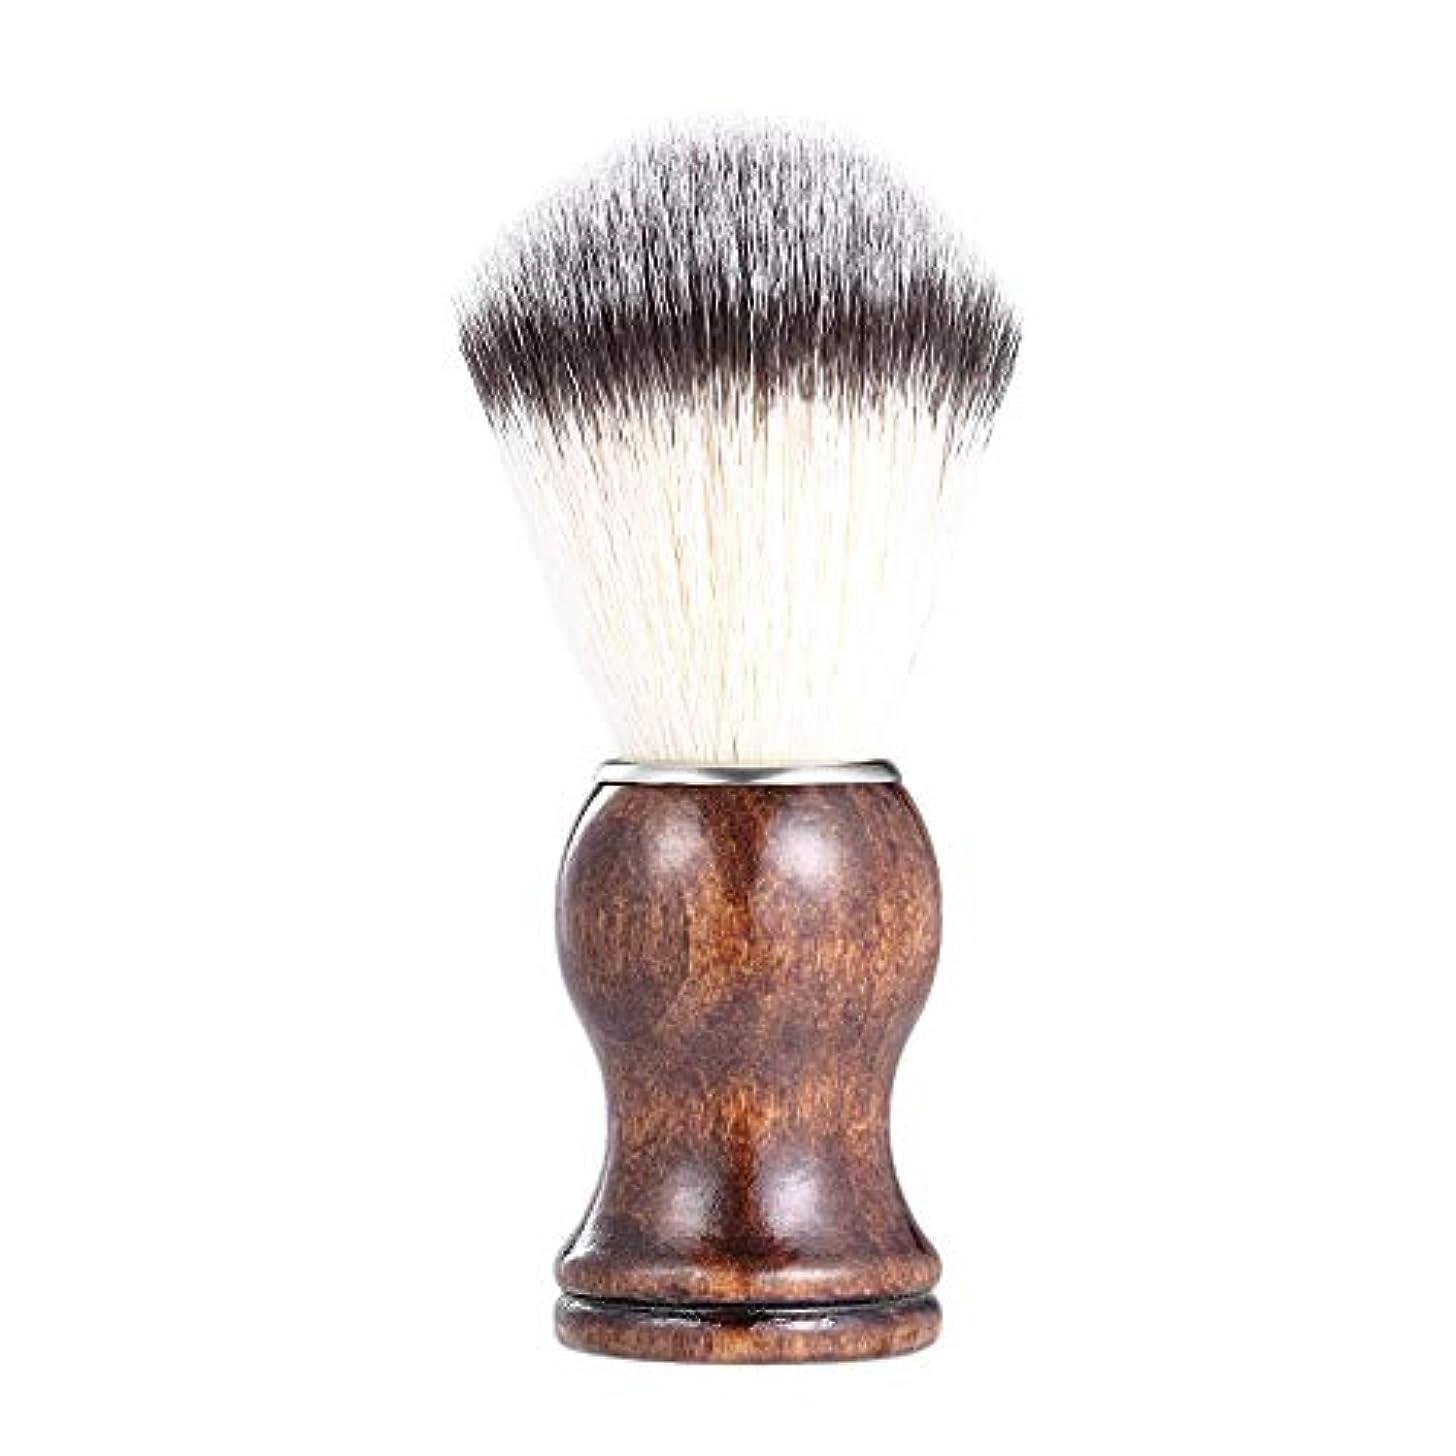 肌寒いやりすぎ市場あごひげケア 美容ツール メンズ用 髭剃り ブラシ シェービングブラシ 木製ハンドル 男性 ギフト理容 洗顔 髭剃り